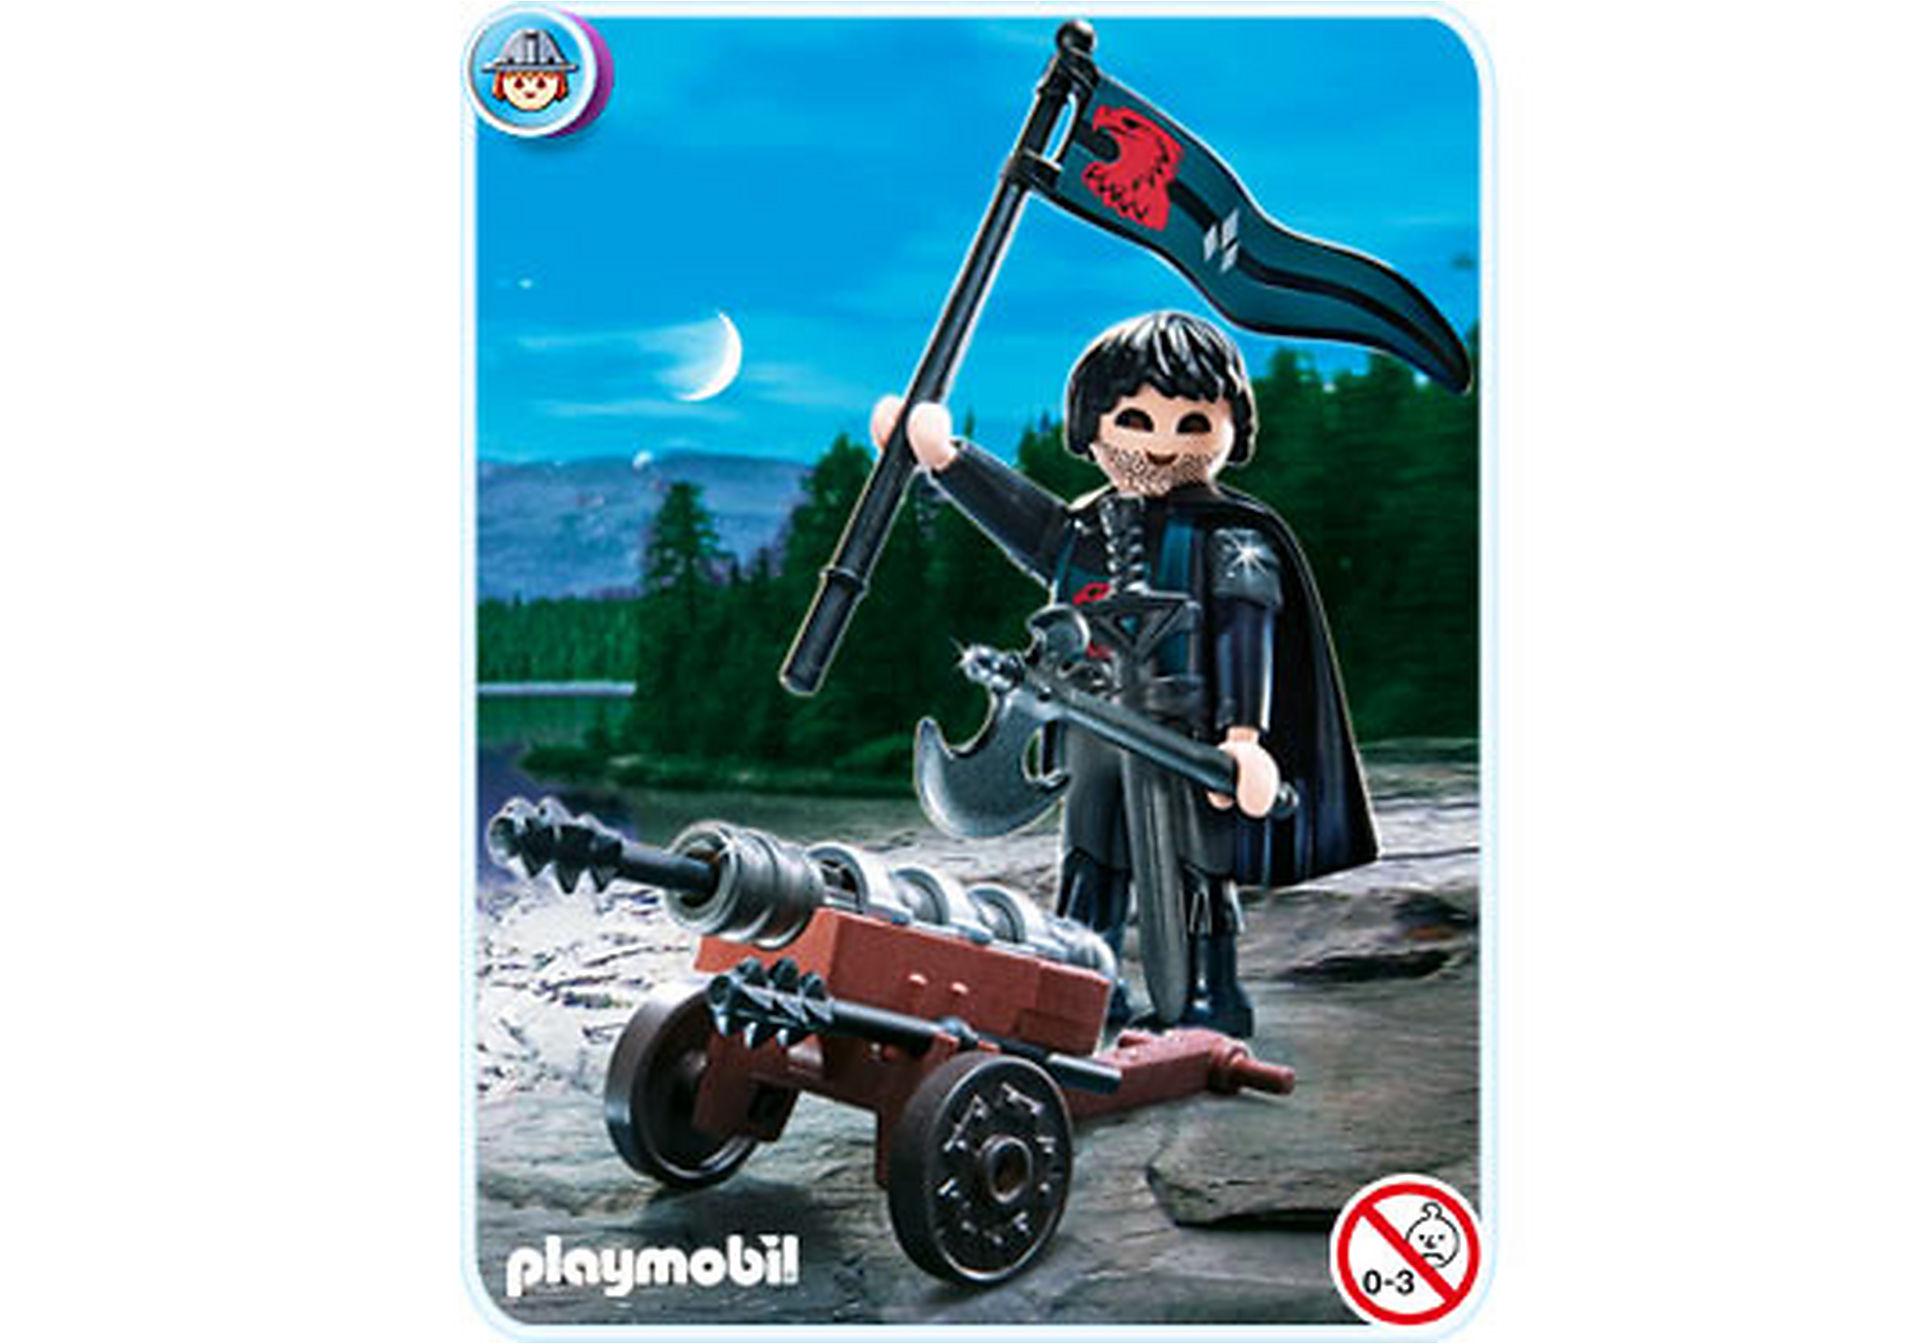 http://media.playmobil.com/i/playmobil/4872-A_product_detail/Raubritter mit Geschütz